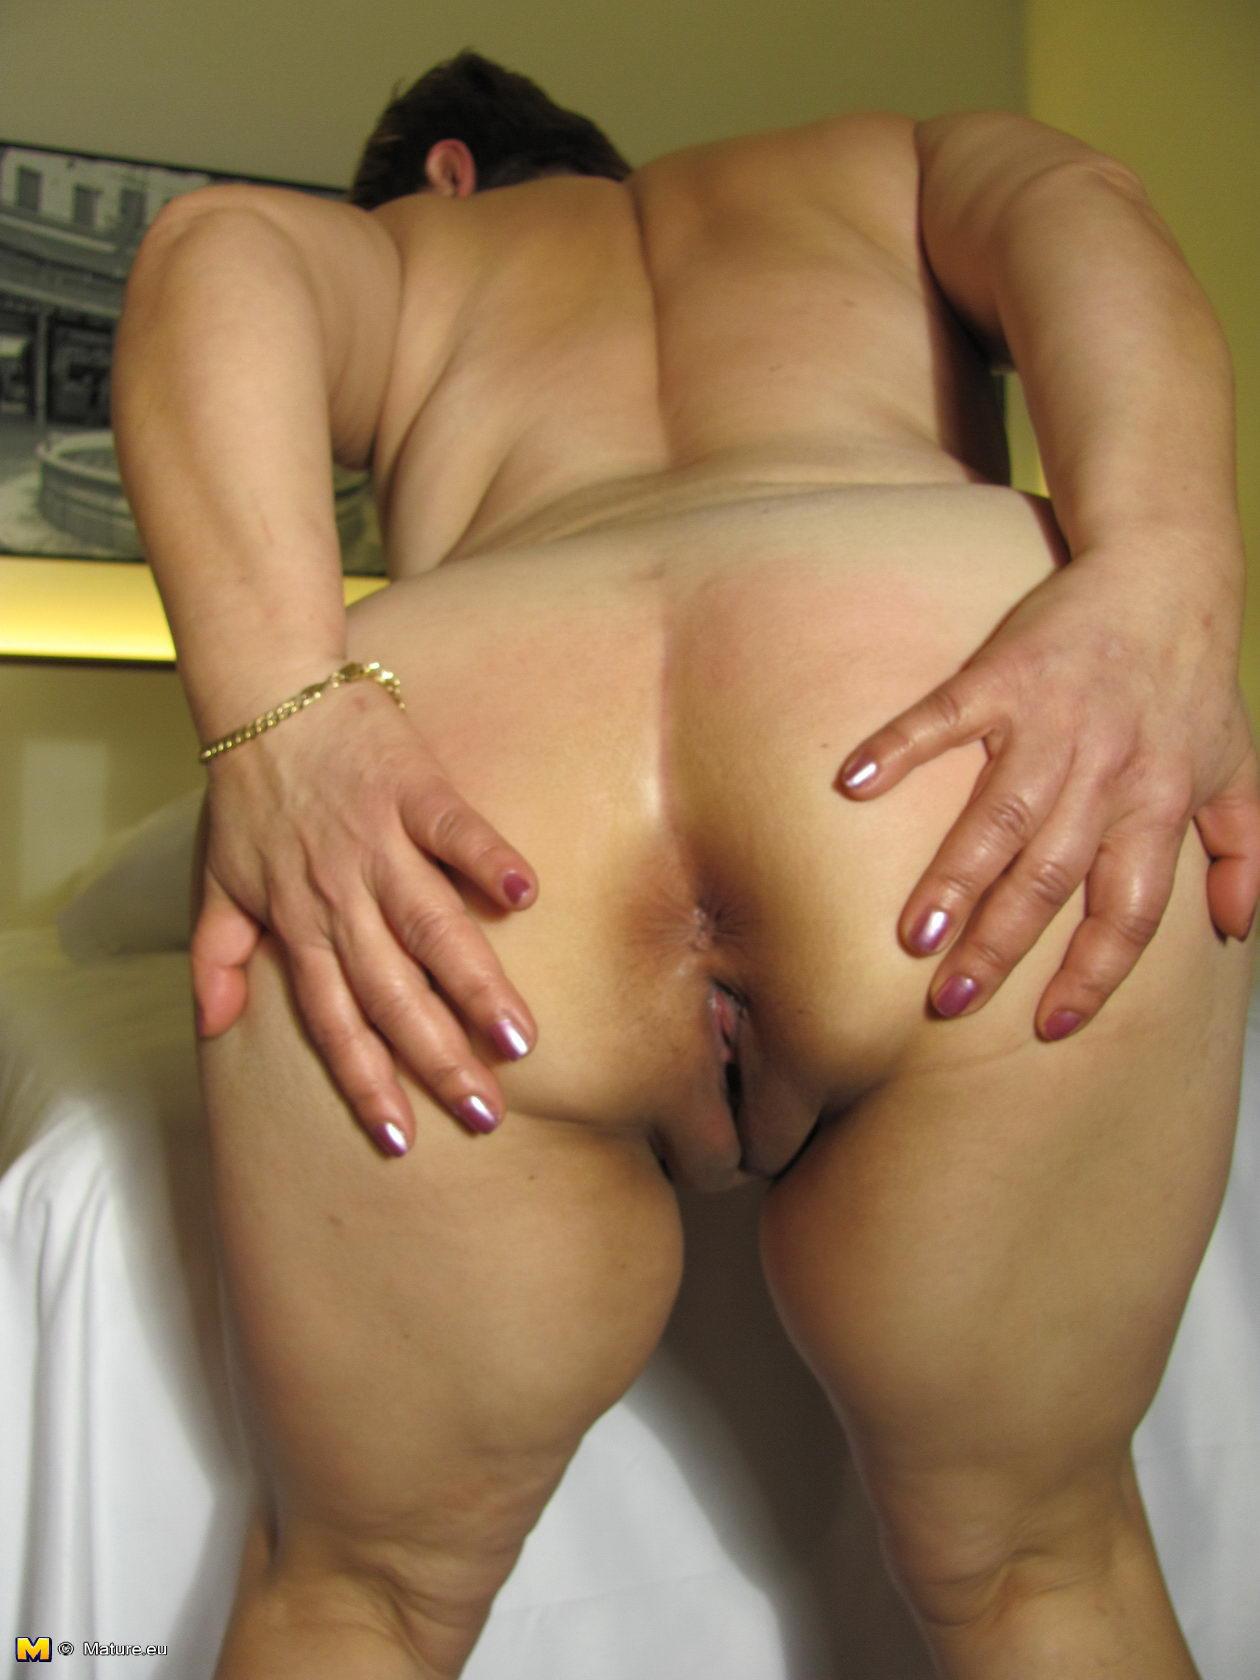 Big butt women nude